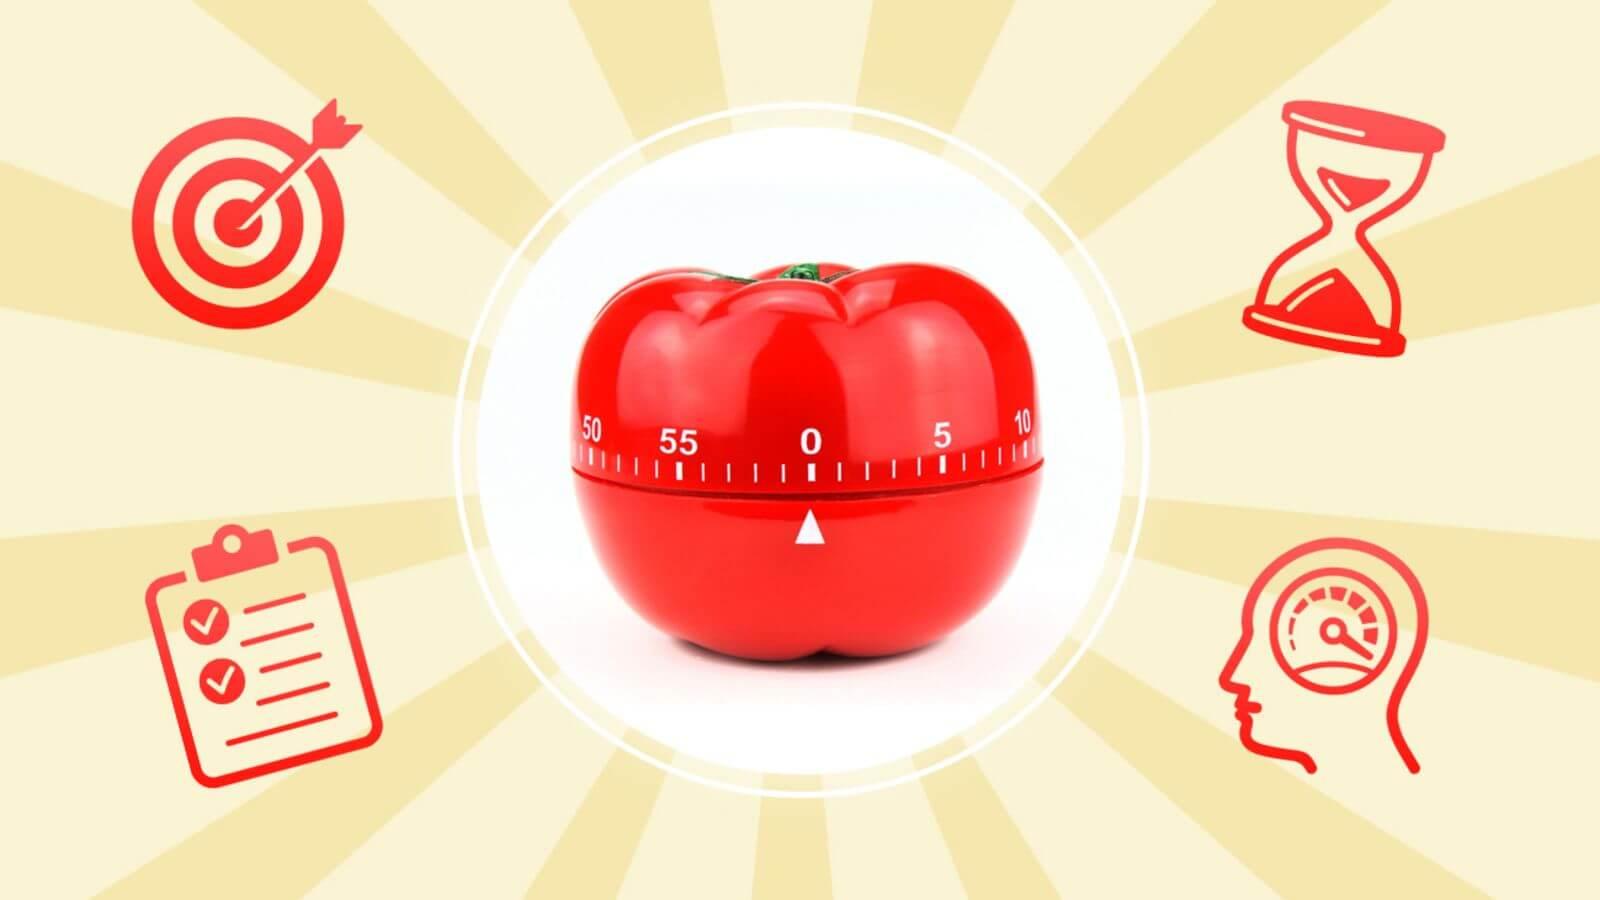 Таймер-помидор в центре